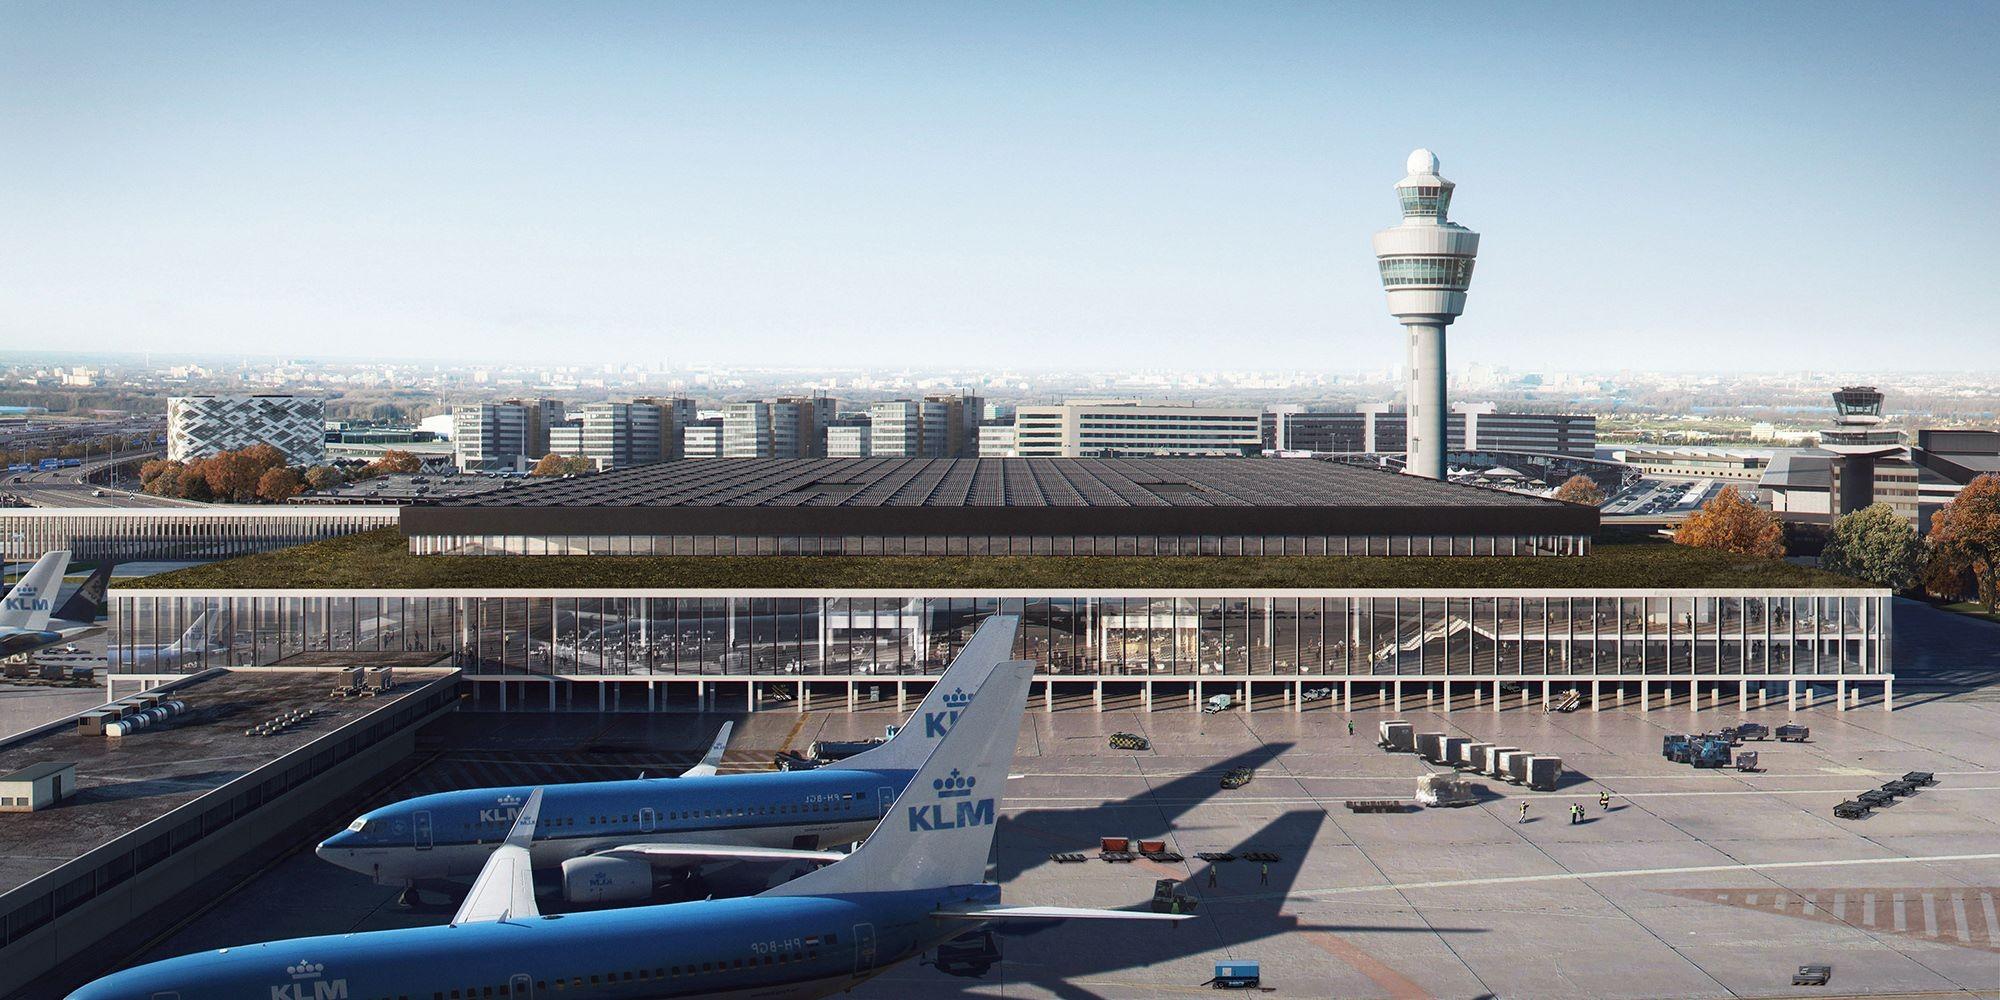 ▲�荷兰阿姆斯特丹史基浦机场。(图/取自史基浦机场脸书)